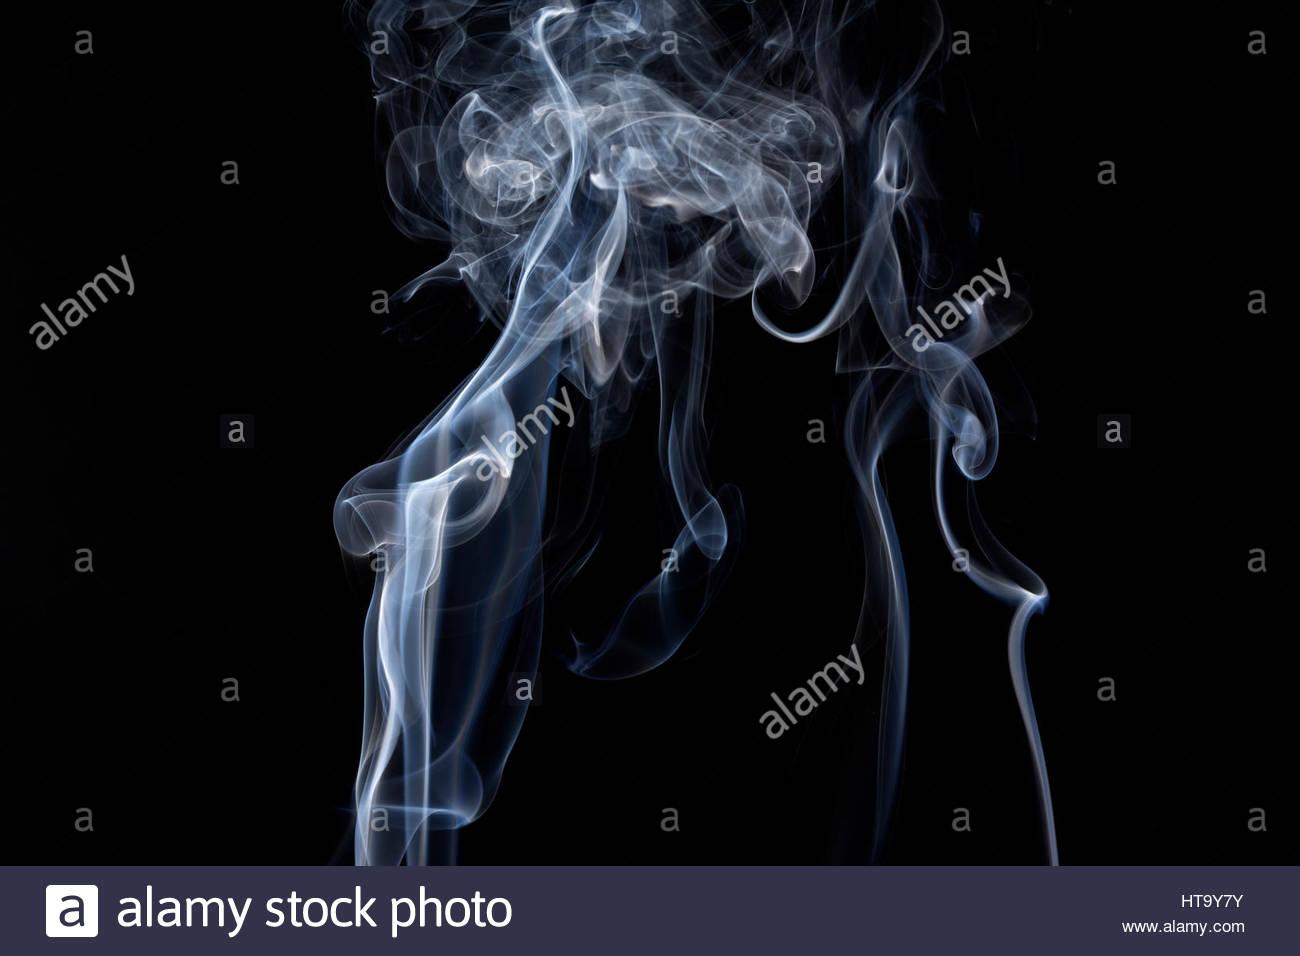 Fotografia di fumo Immagini Stock